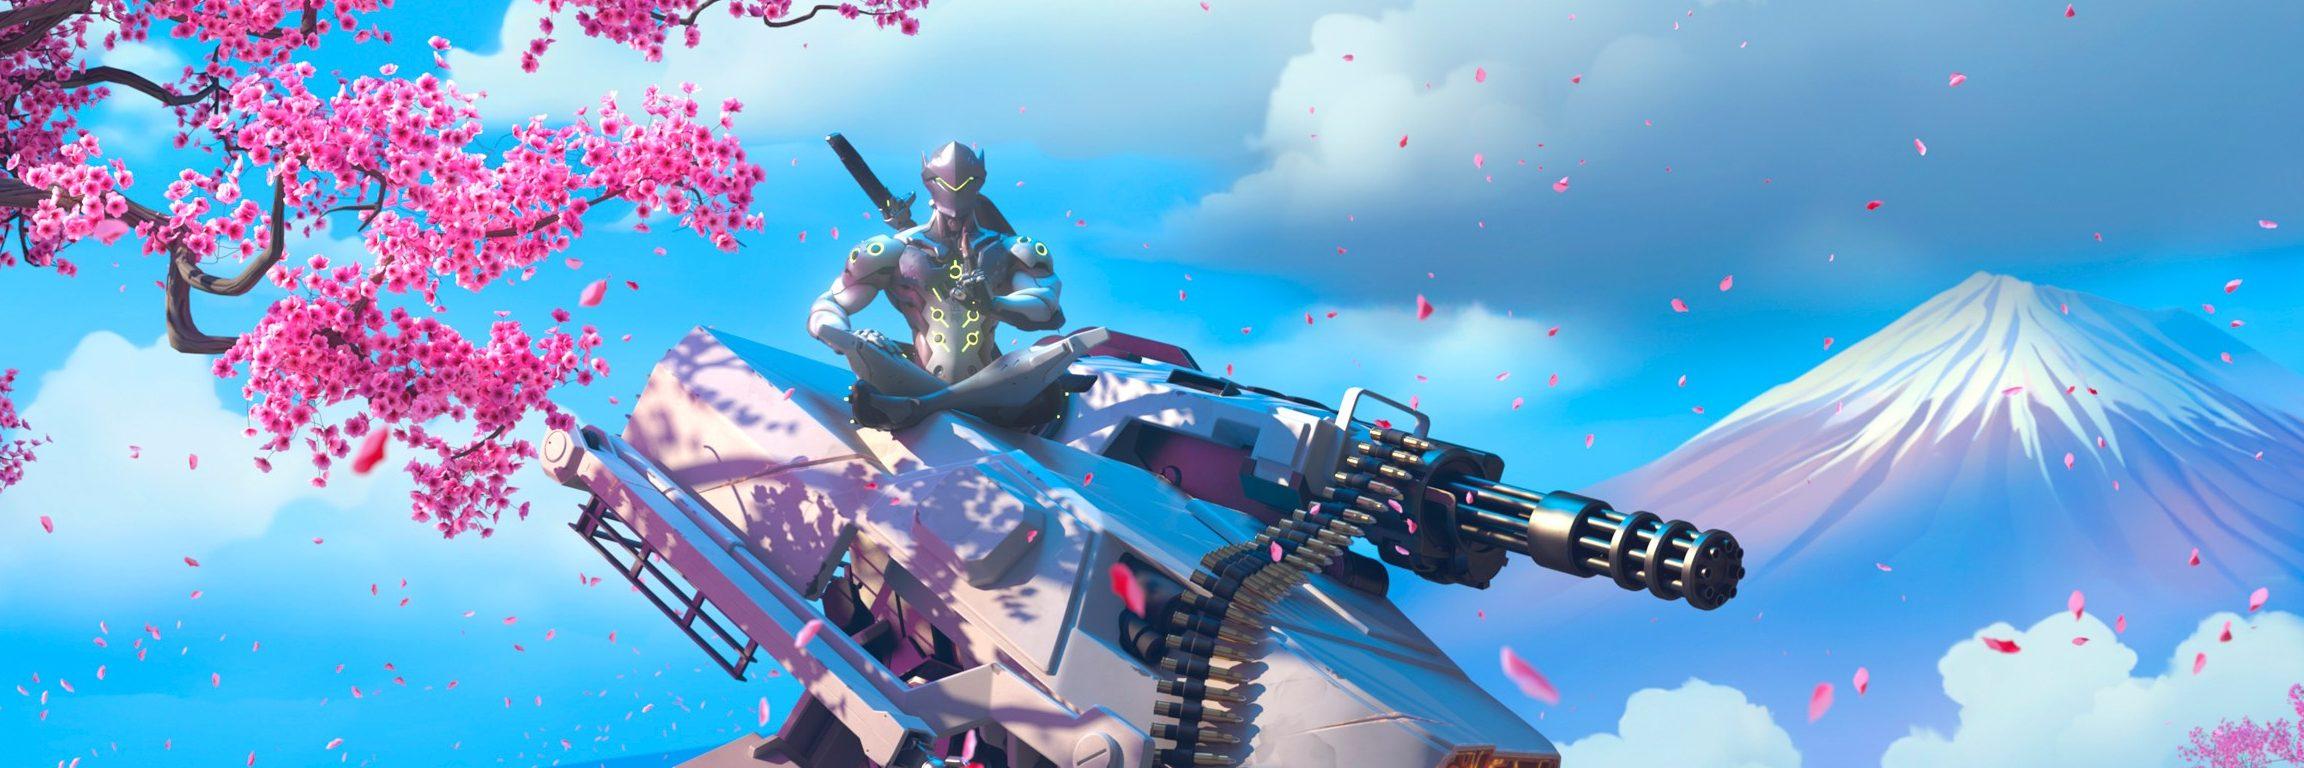 Ninja, samuráis, meditación y kung fu: estereotipos asiáticos en videojuegos